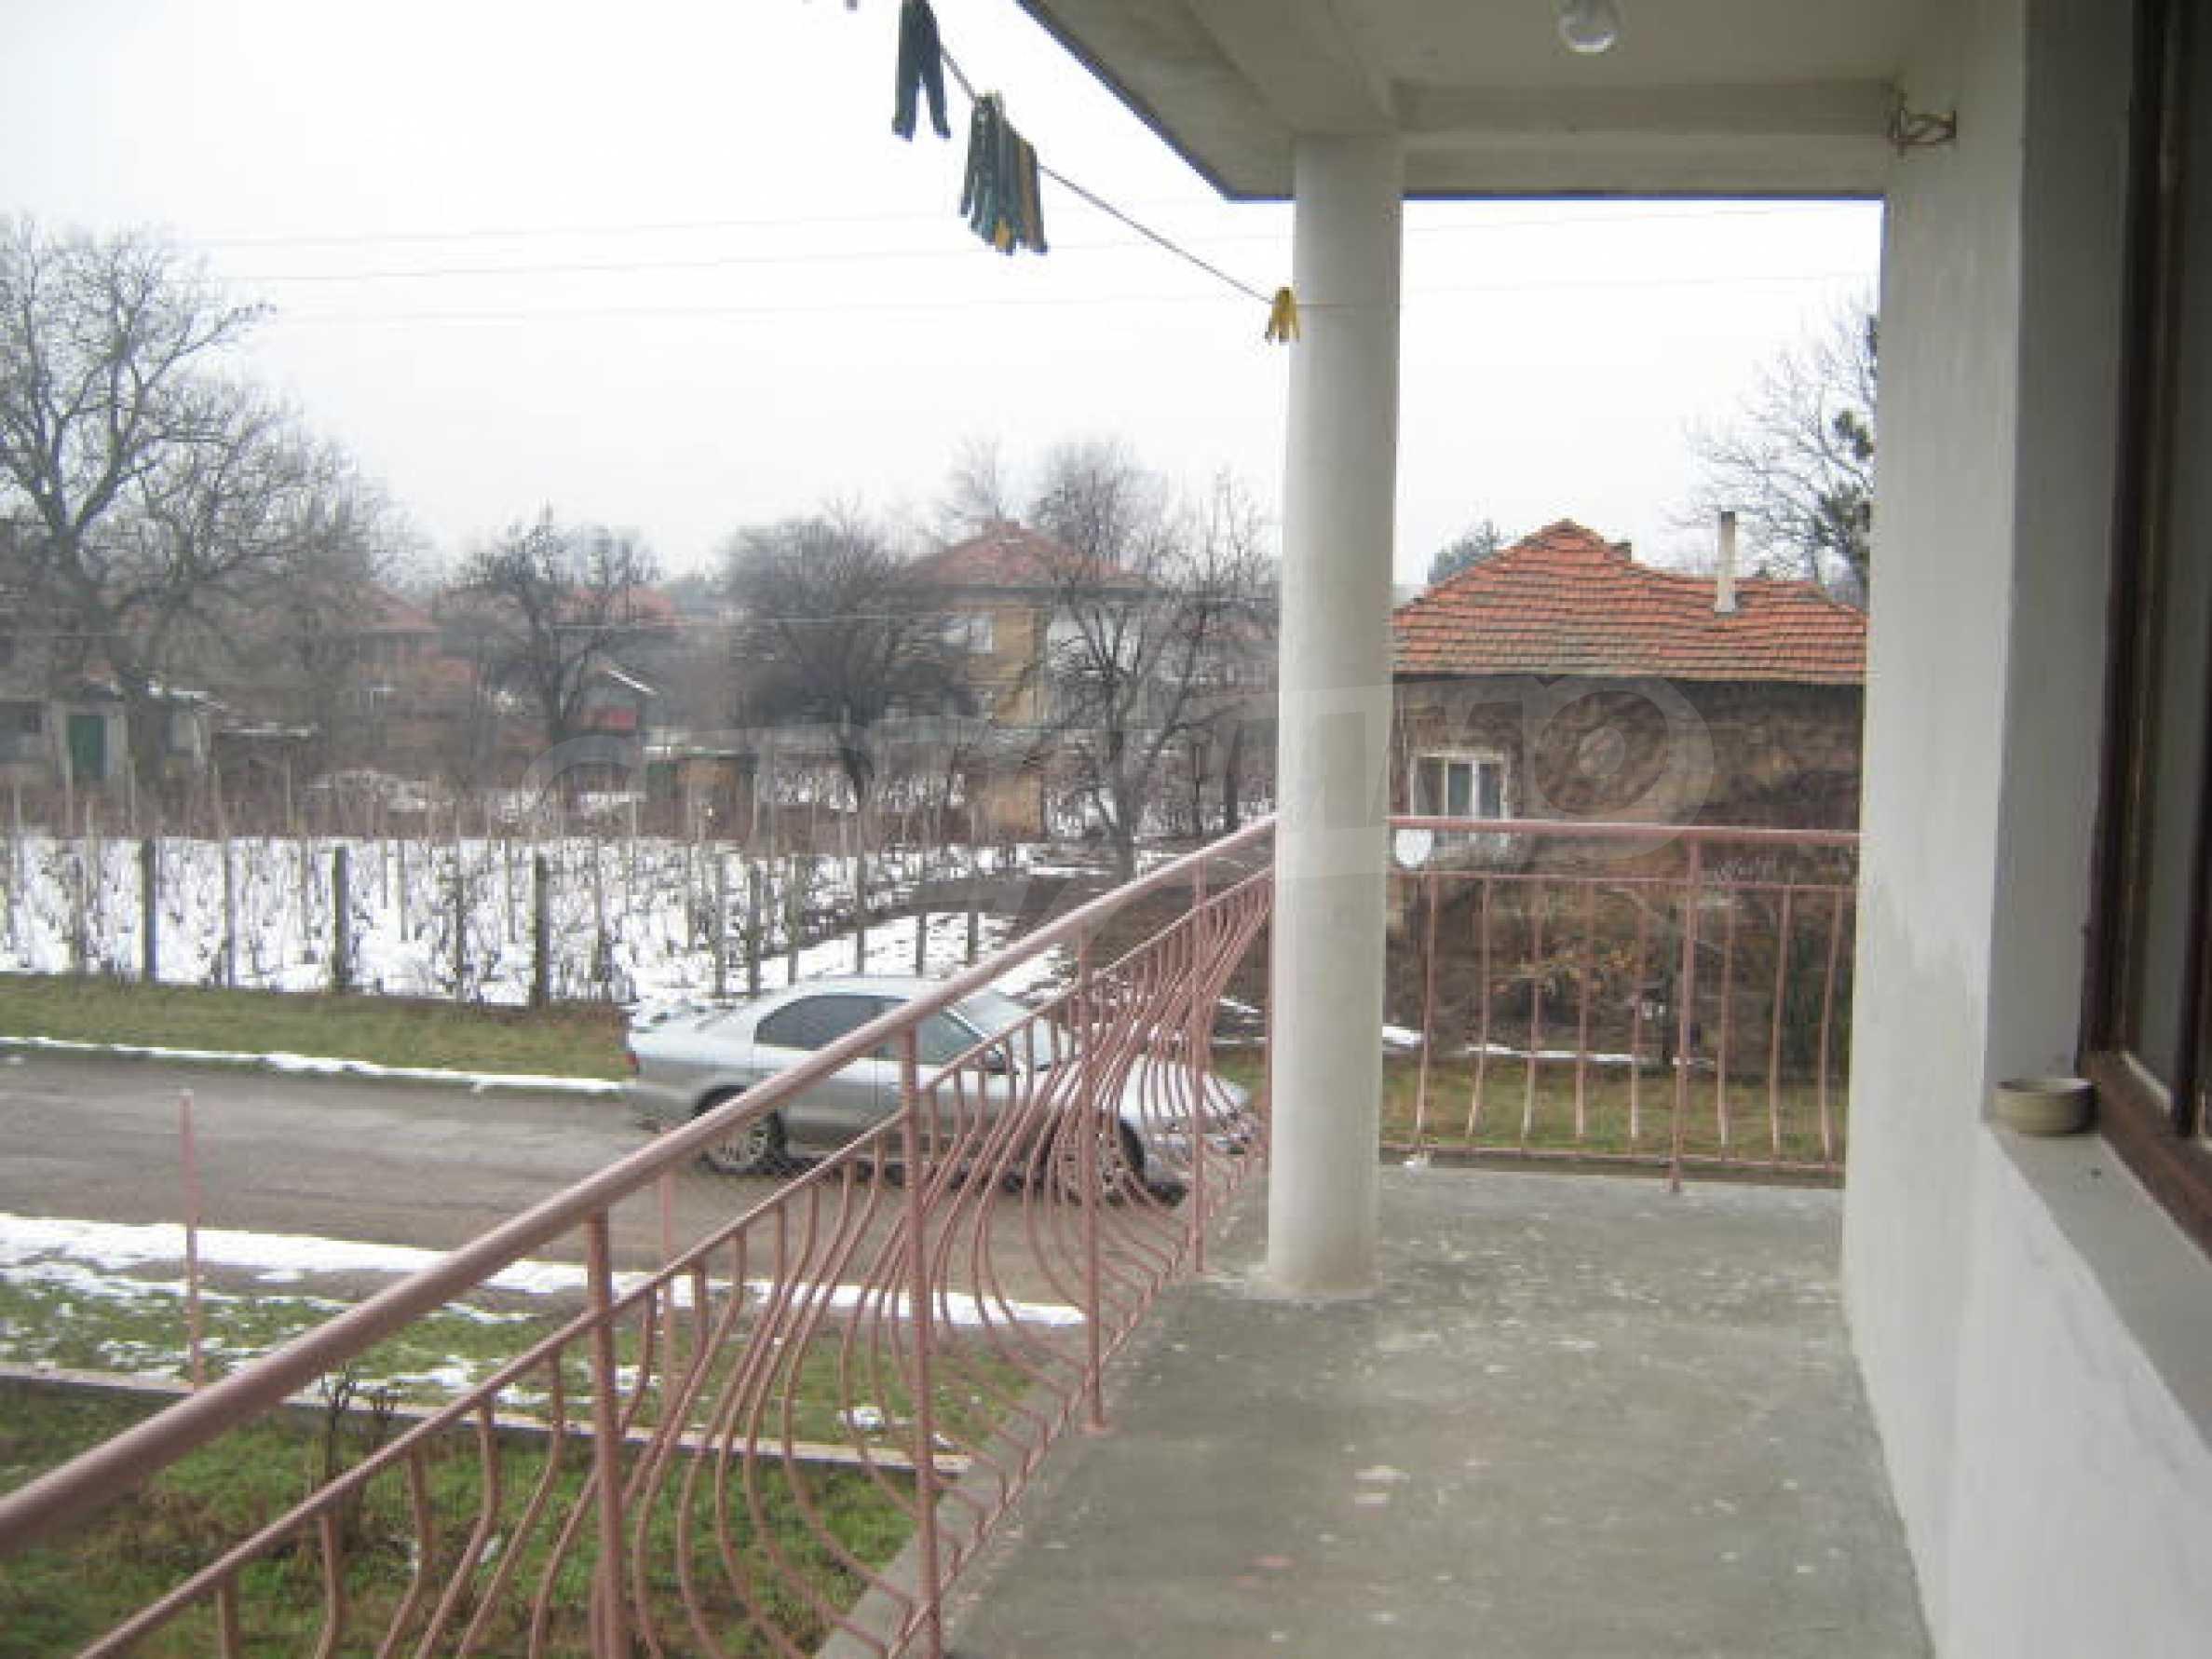 Vierstöckiges Haus mit Hof in der Nähe von der Stadt Widin 4